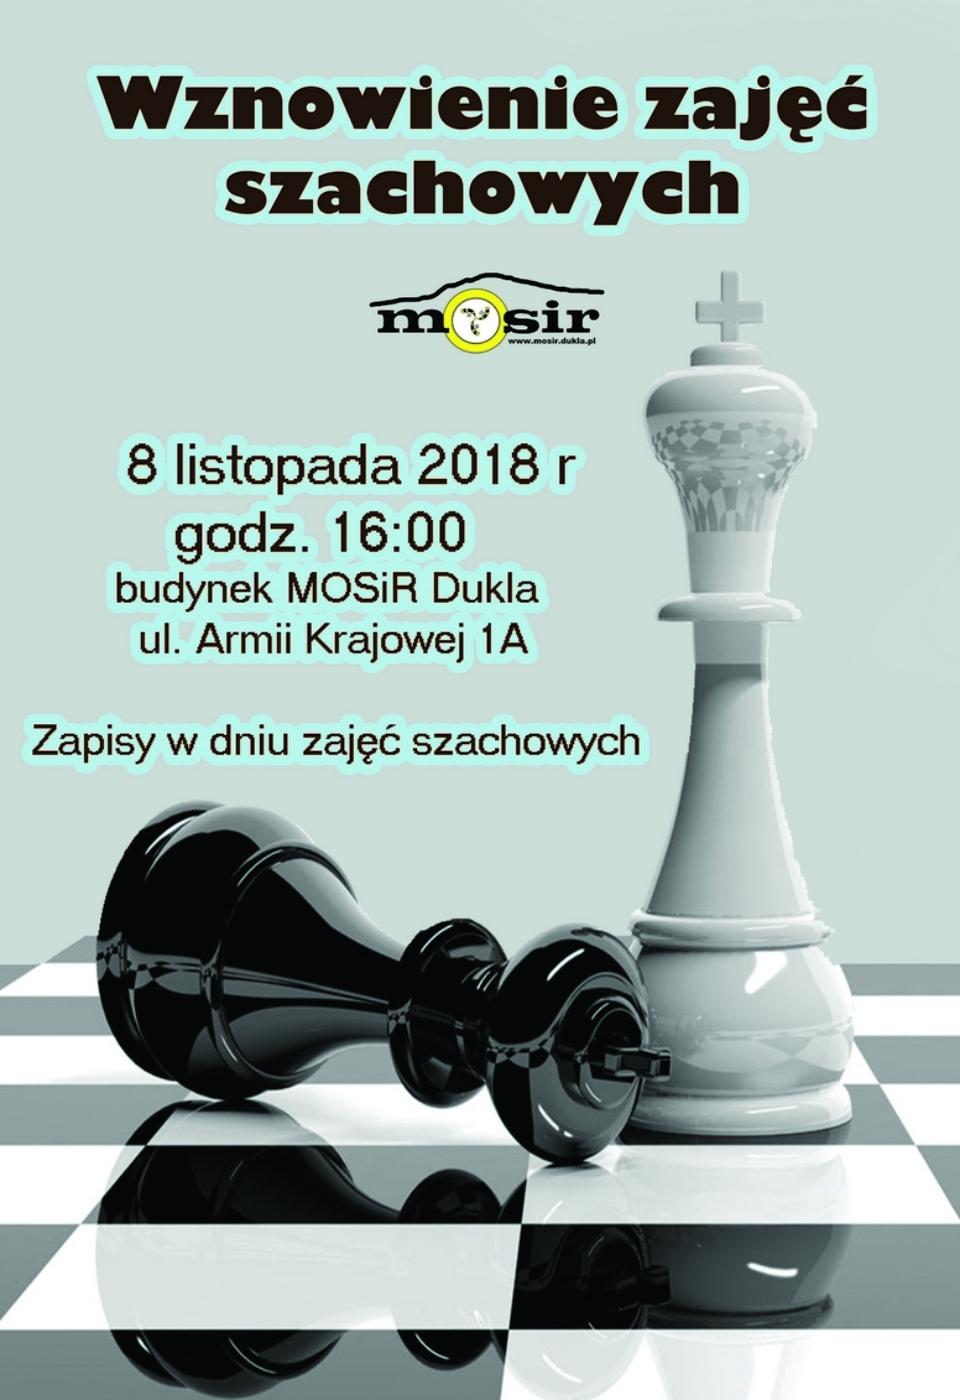 szachy wznowienie zajeć 2019